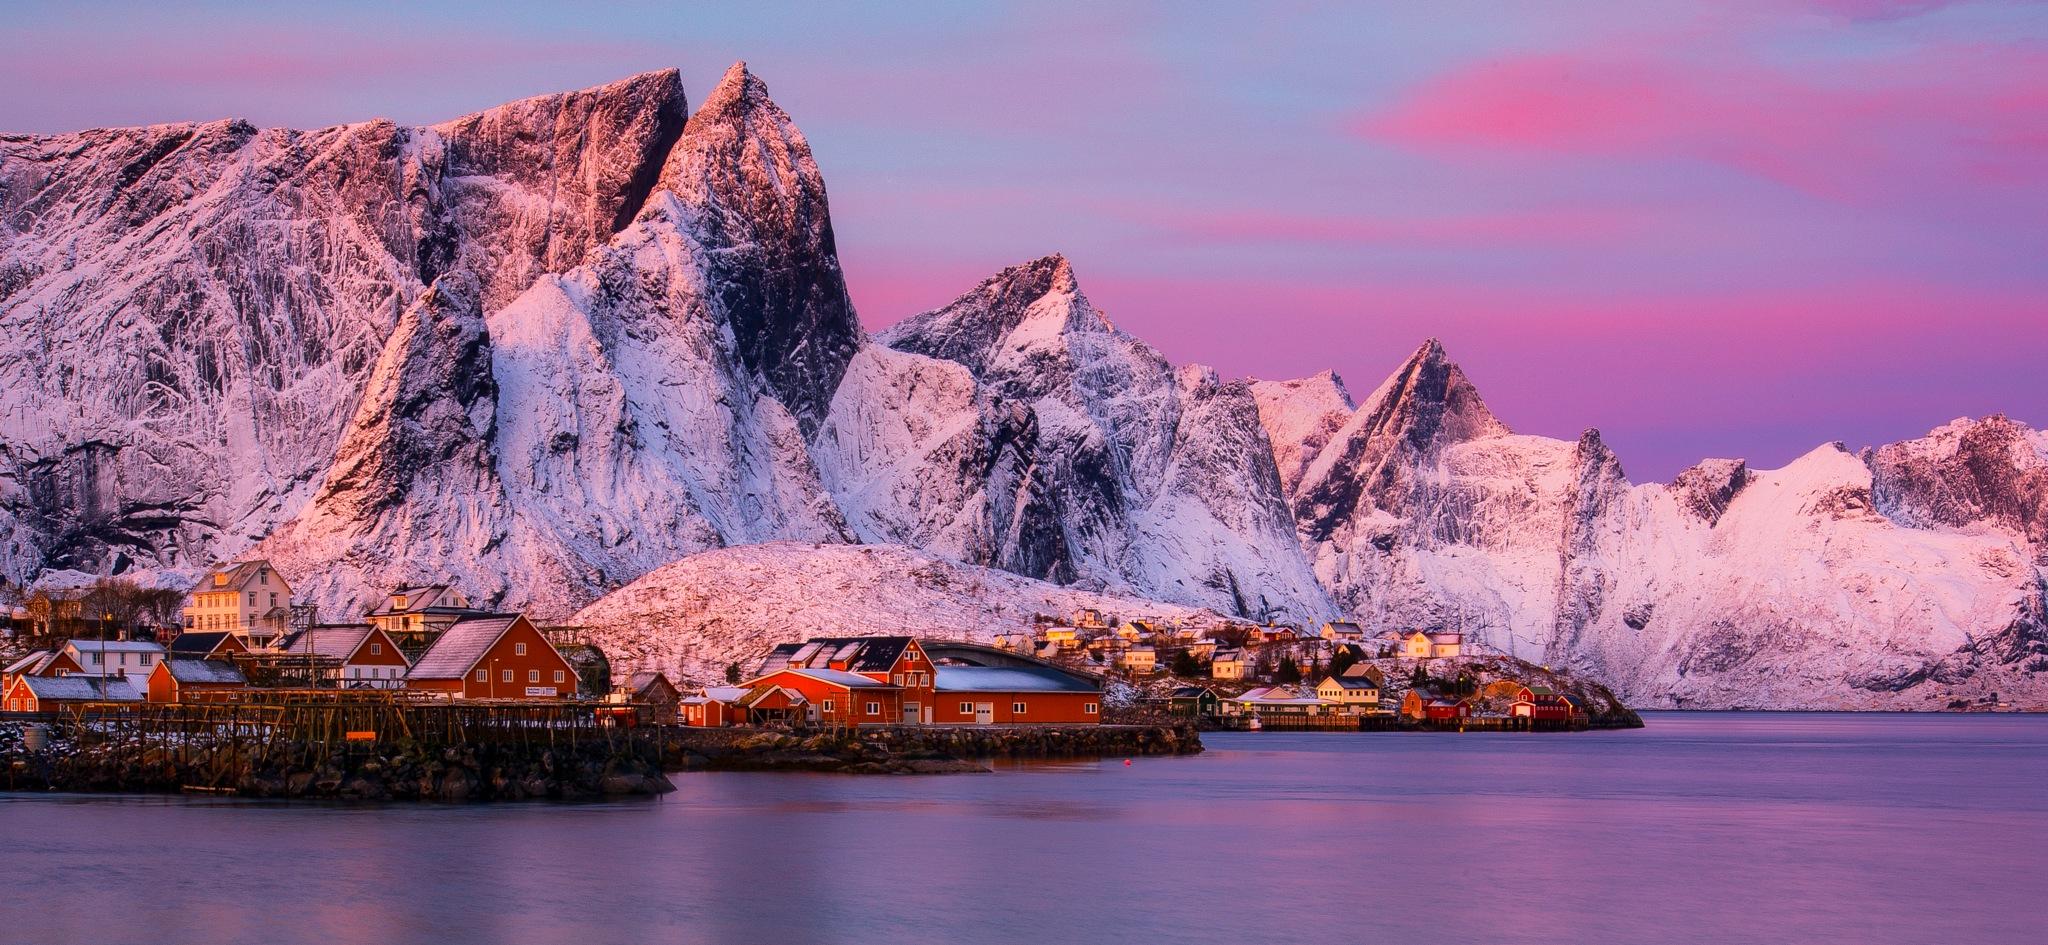 Beyond the Arctic circle  Lofoten islands Norway by Yiannis Pavlis172